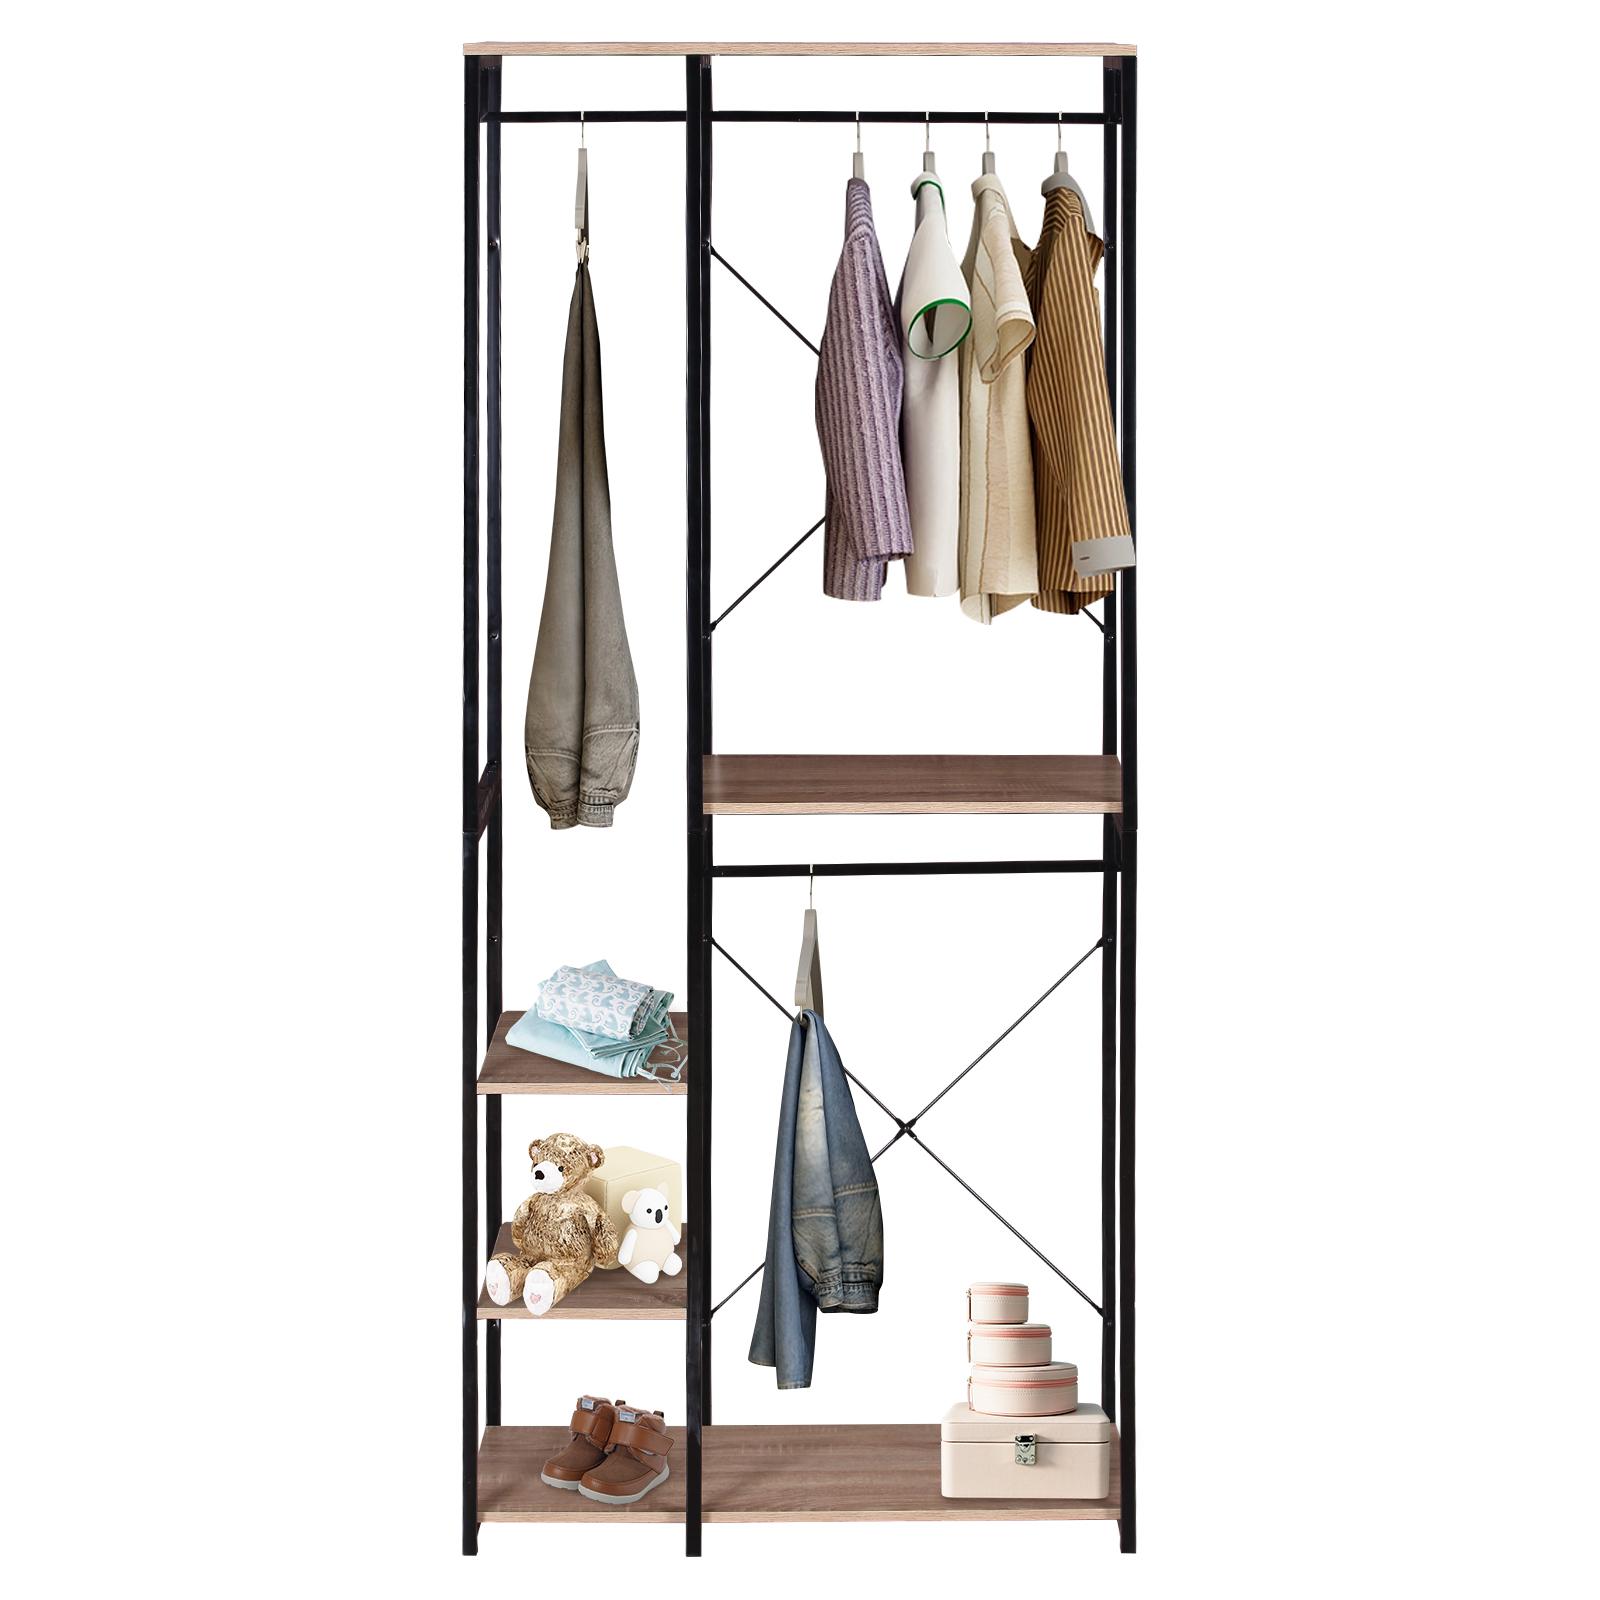 Garderobenständer Kleiderständer Wäscheständer Wäschesammler Garderobe Metall